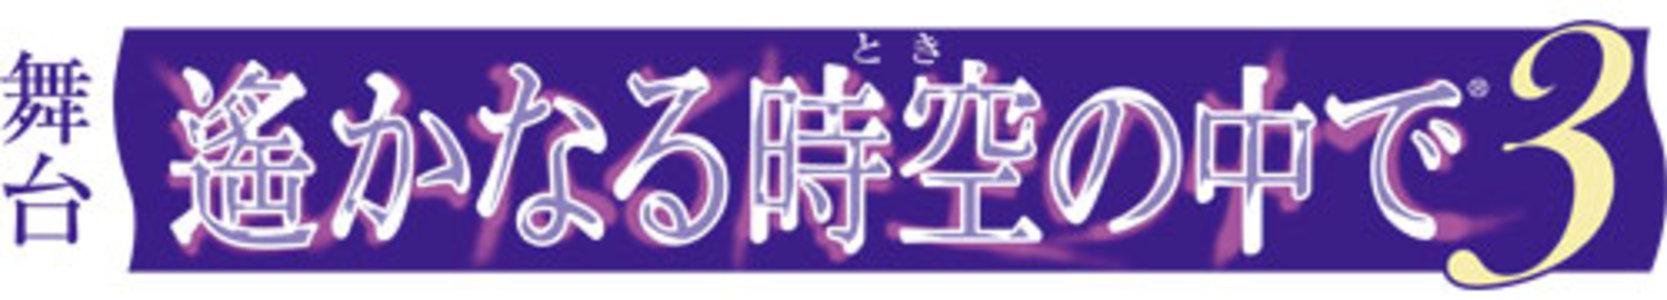 舞台「遙かなる時空の中で3」東京公演 12/6